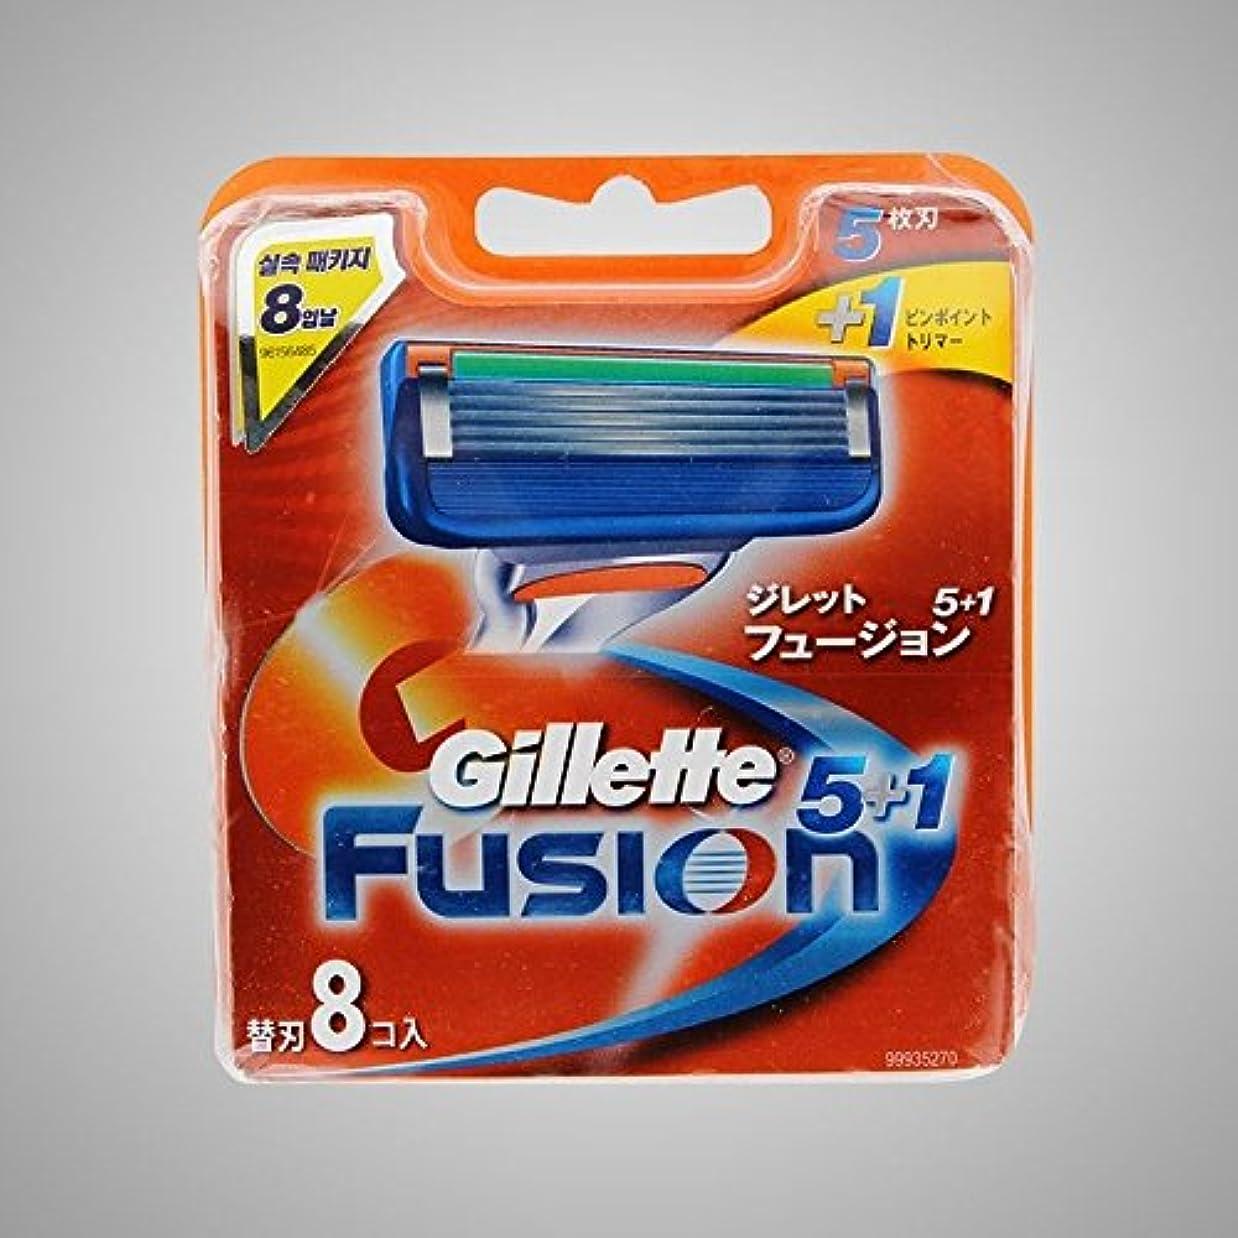 連続的排他的麻酔薬Gillette Fusion Manual Razor Blades Refills Safety Razor ドイツ製 8 Pack [並行輸入品]